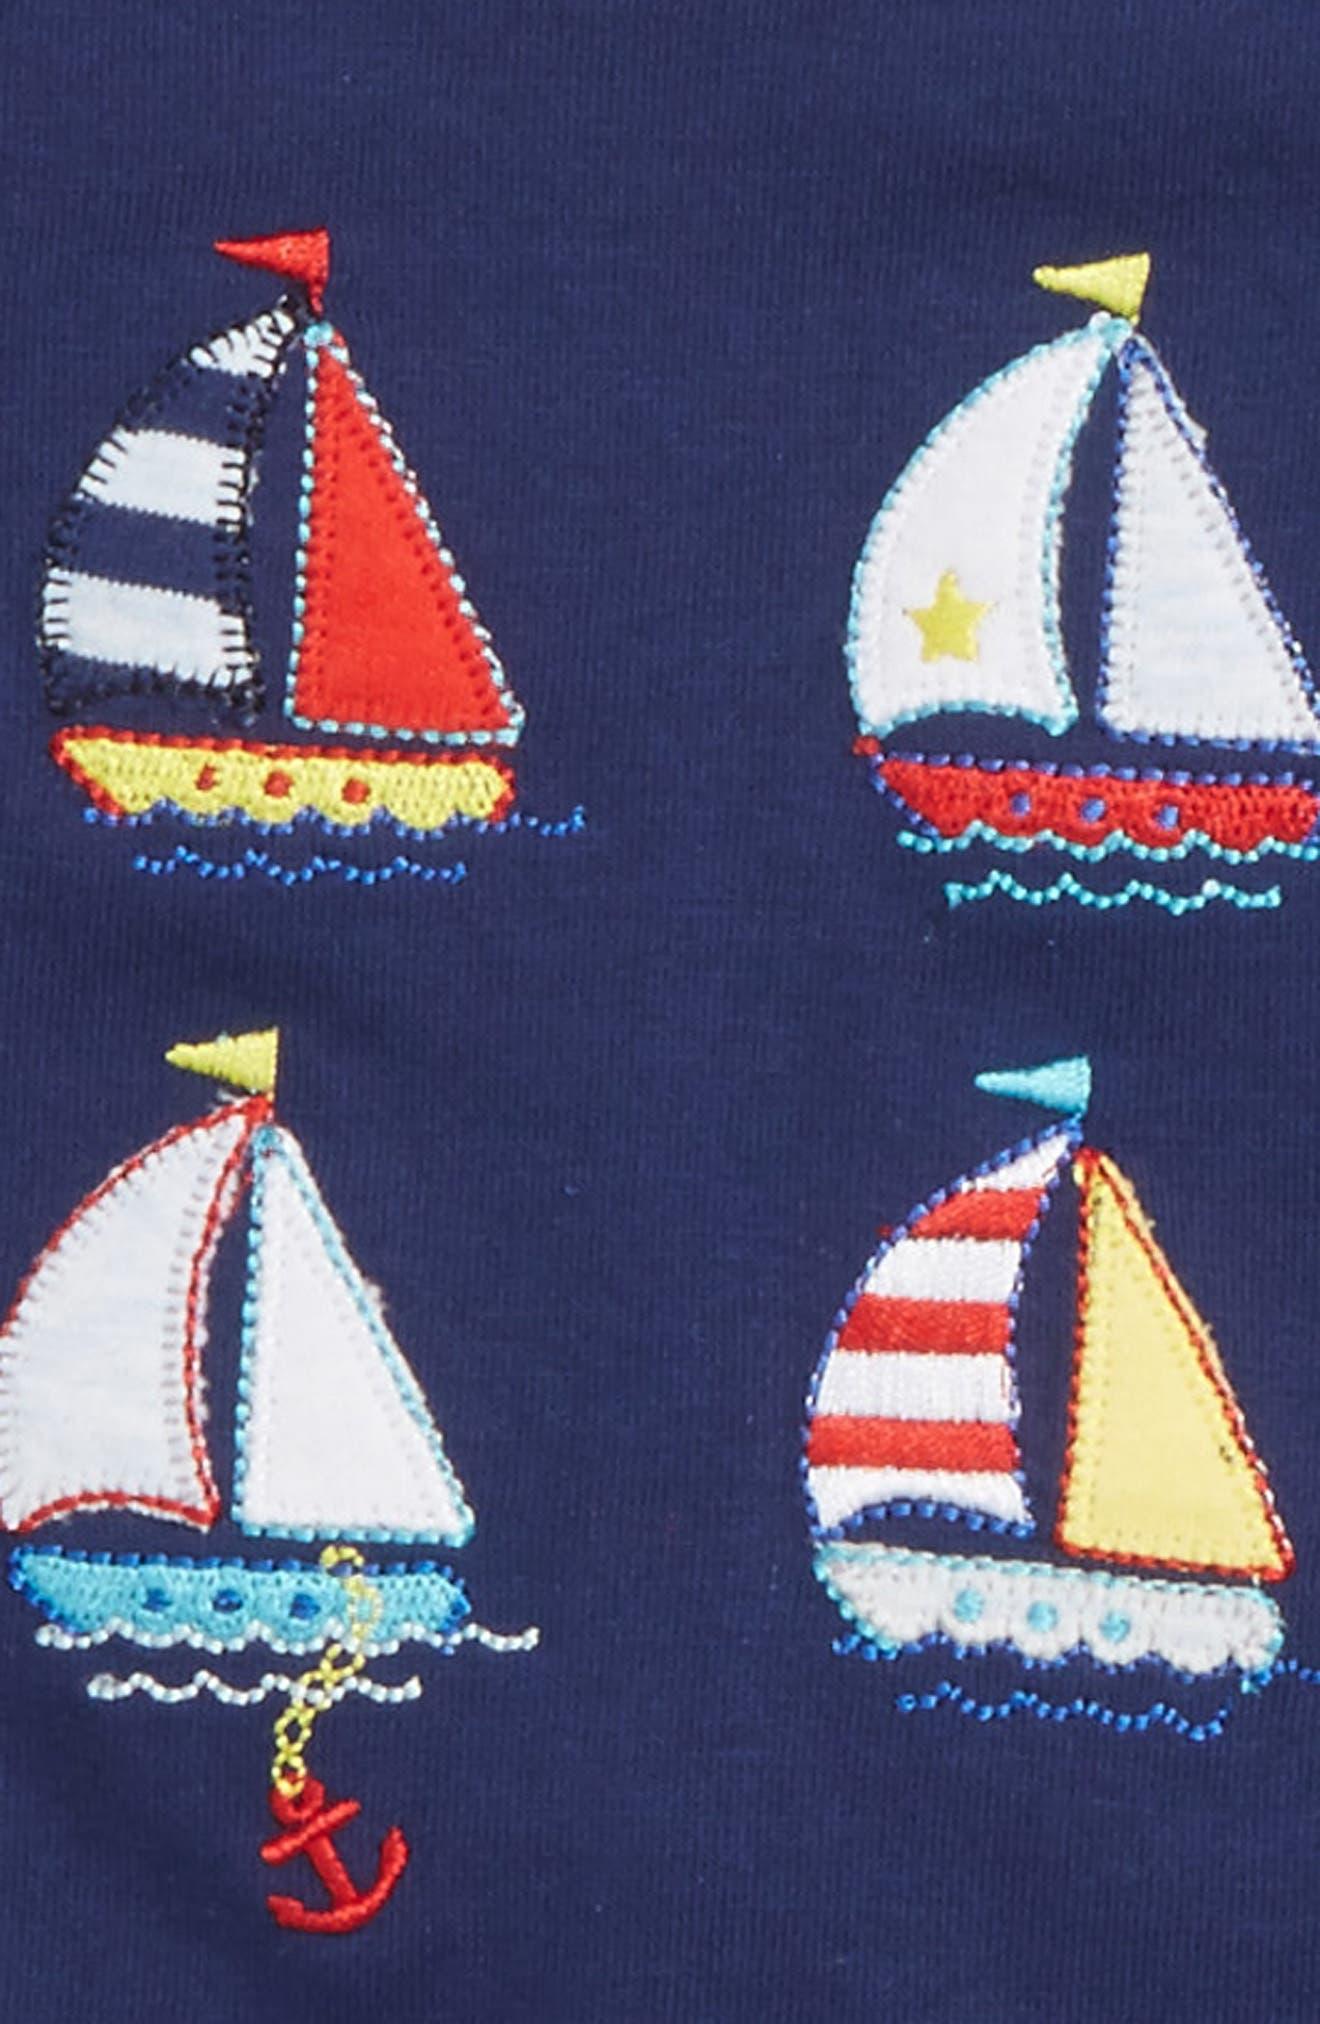 Sailboat T-Shirt, Jogger Pants & Socks Set,                             Alternate thumbnail 2, color,                             469